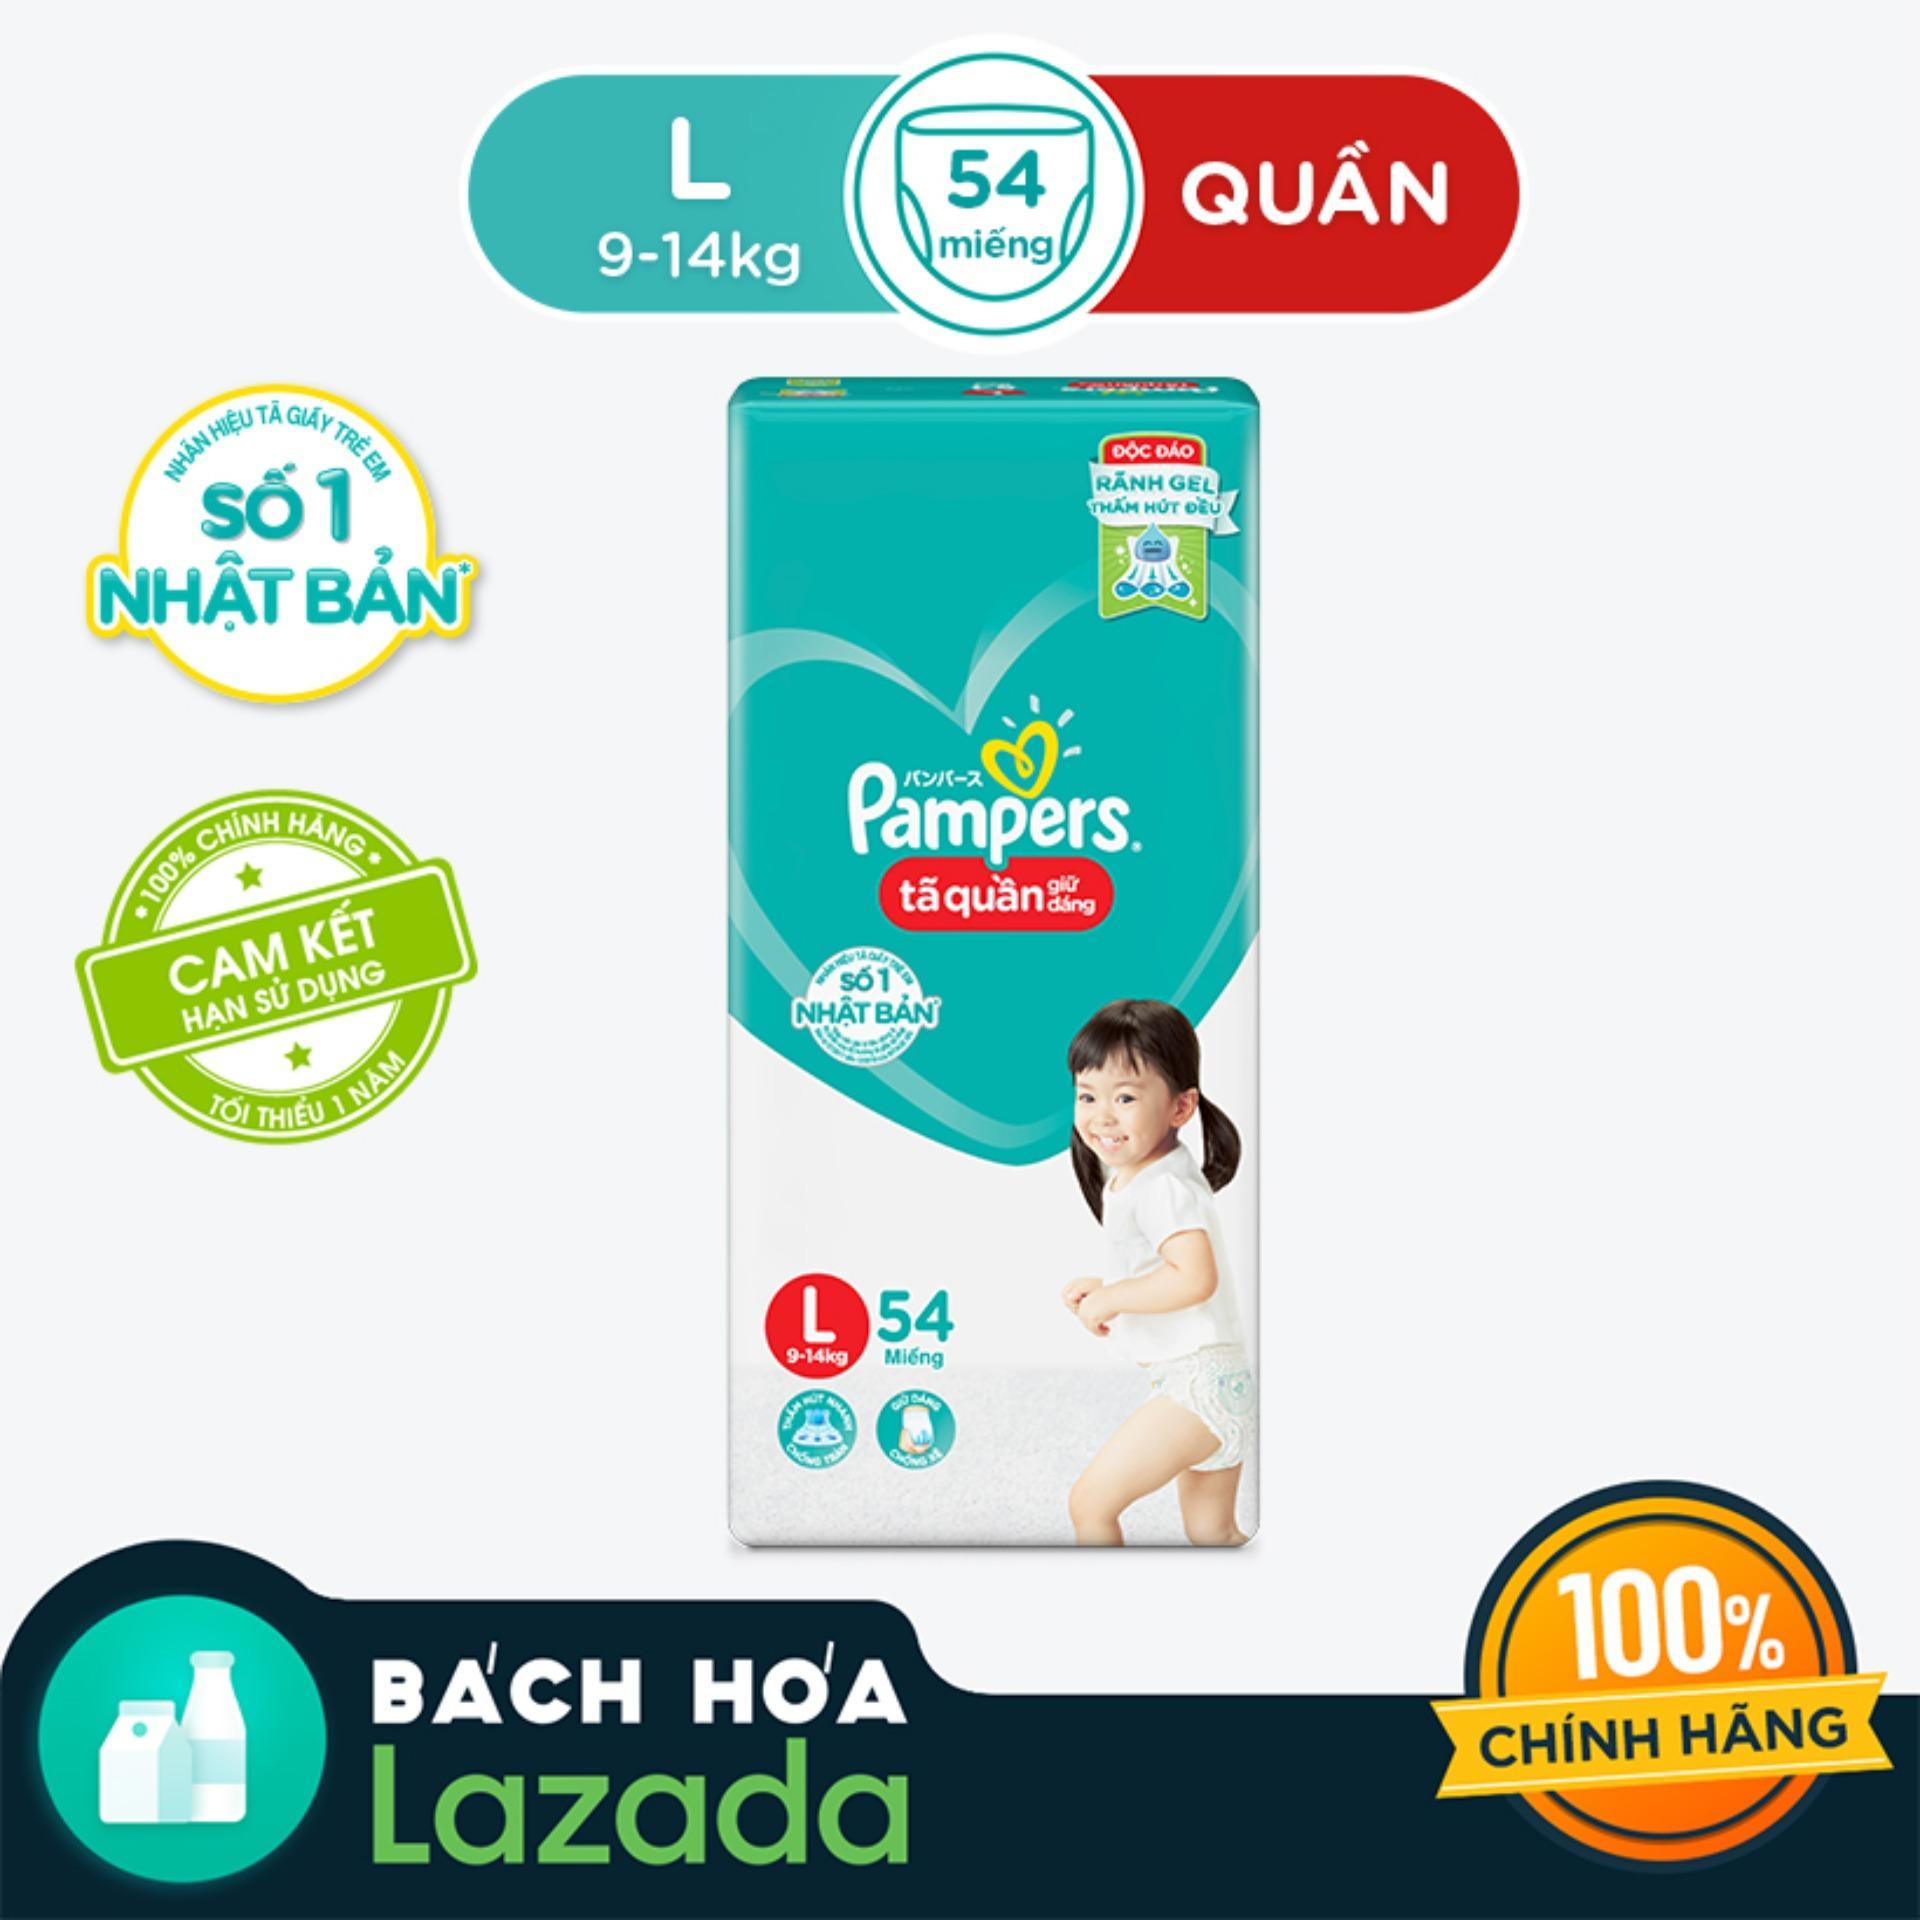 Tã Quần Pampers Giữ Dáng Mới Gói Đại L54 (size...